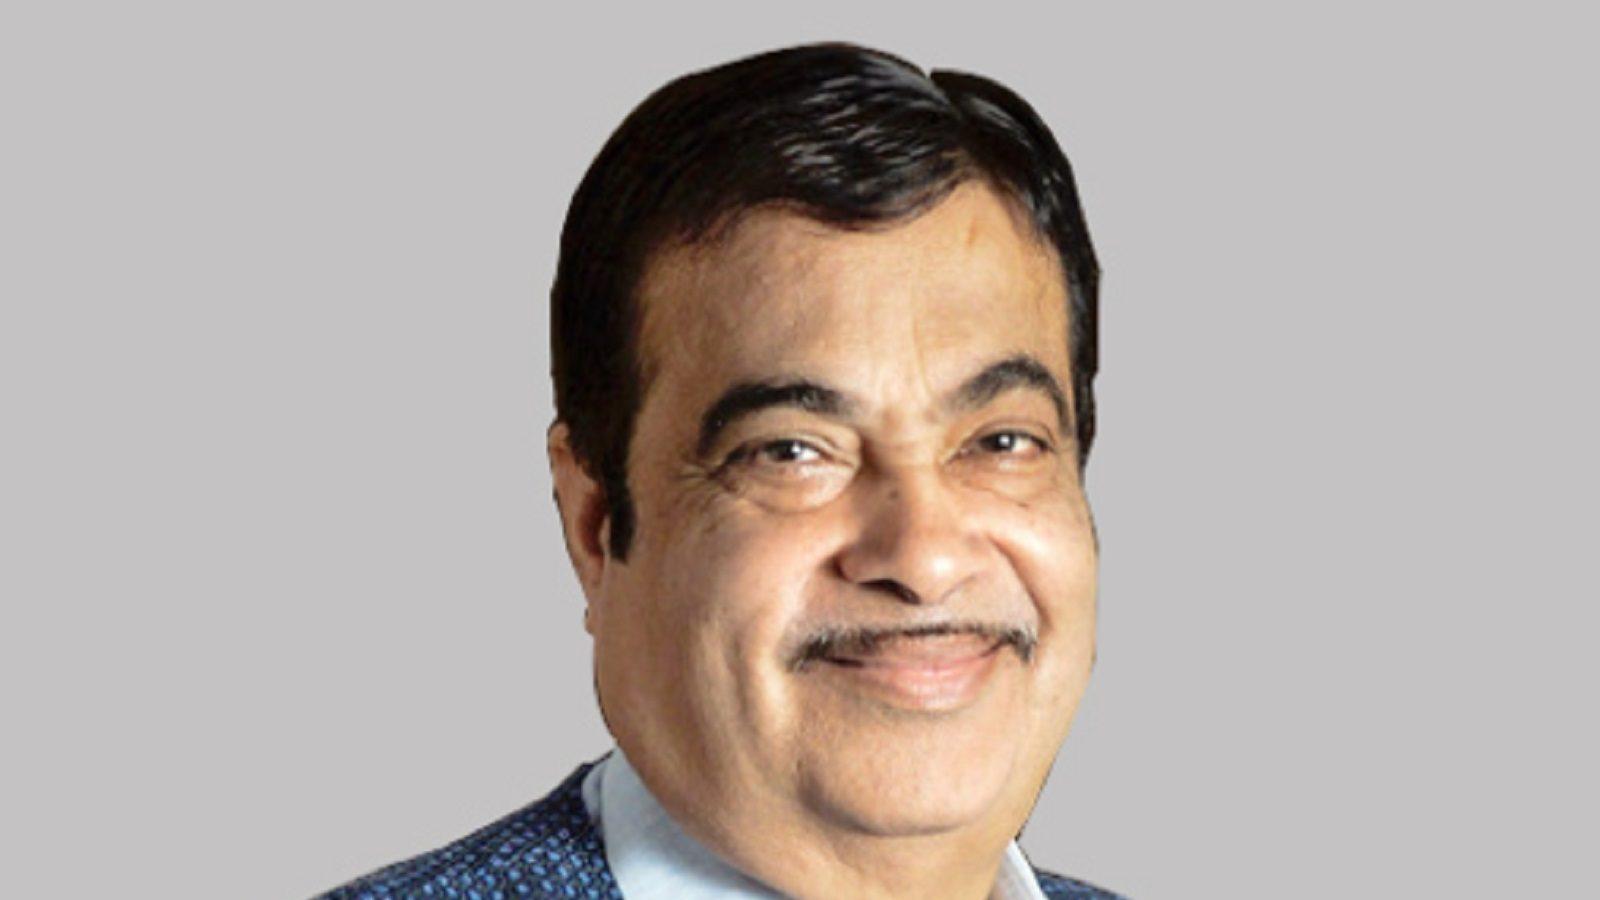 दिल्ली-मुंबई से इस नये रास्ते जुड़ेगा MP, जानिए नितिन गडकरी क्या सौगात देने वाले हैं